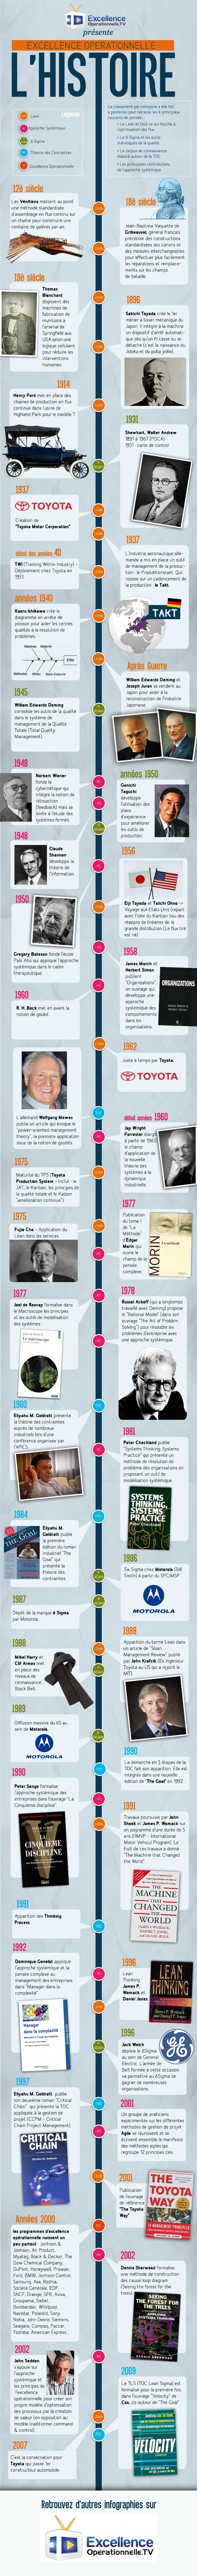 Histoire de l'excellence opérationnelle, par Florent Fouque, ou évolution de la philiosophie Lean / Agile